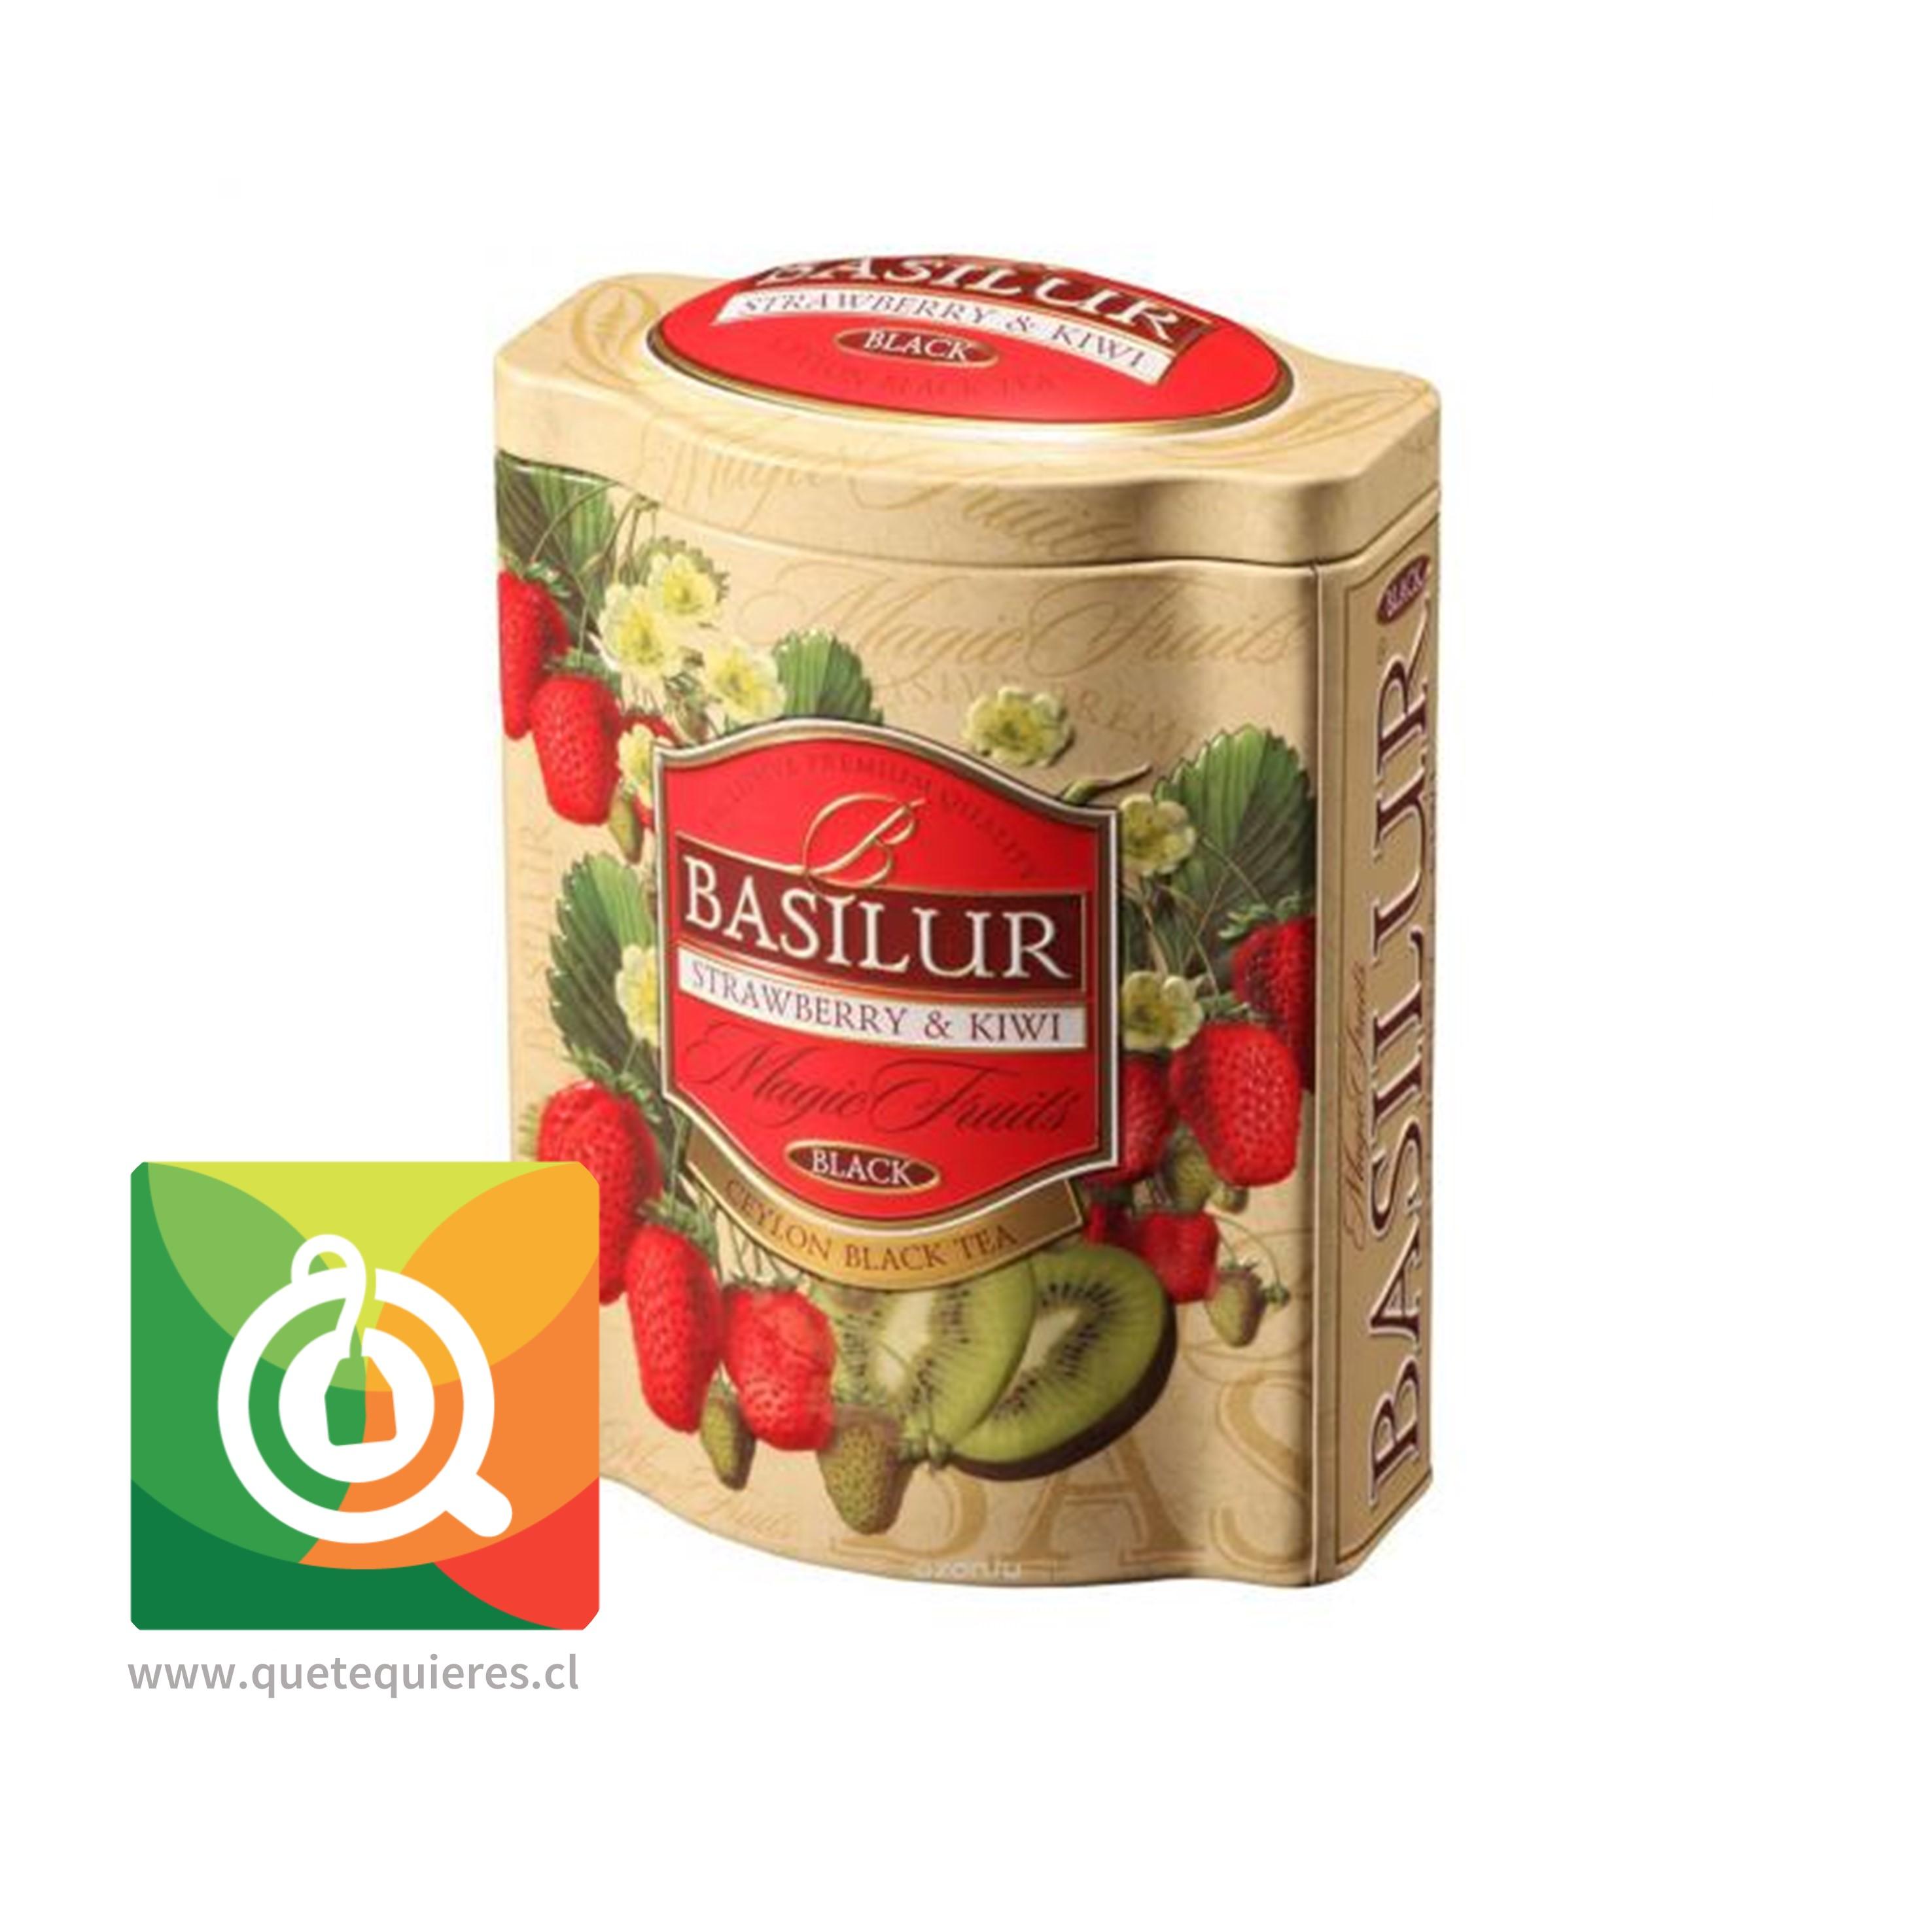 Basilur Lata Té Negro Frutilla y Kiwi - Magic Fruit Strawberry & Kiwi- Image 1